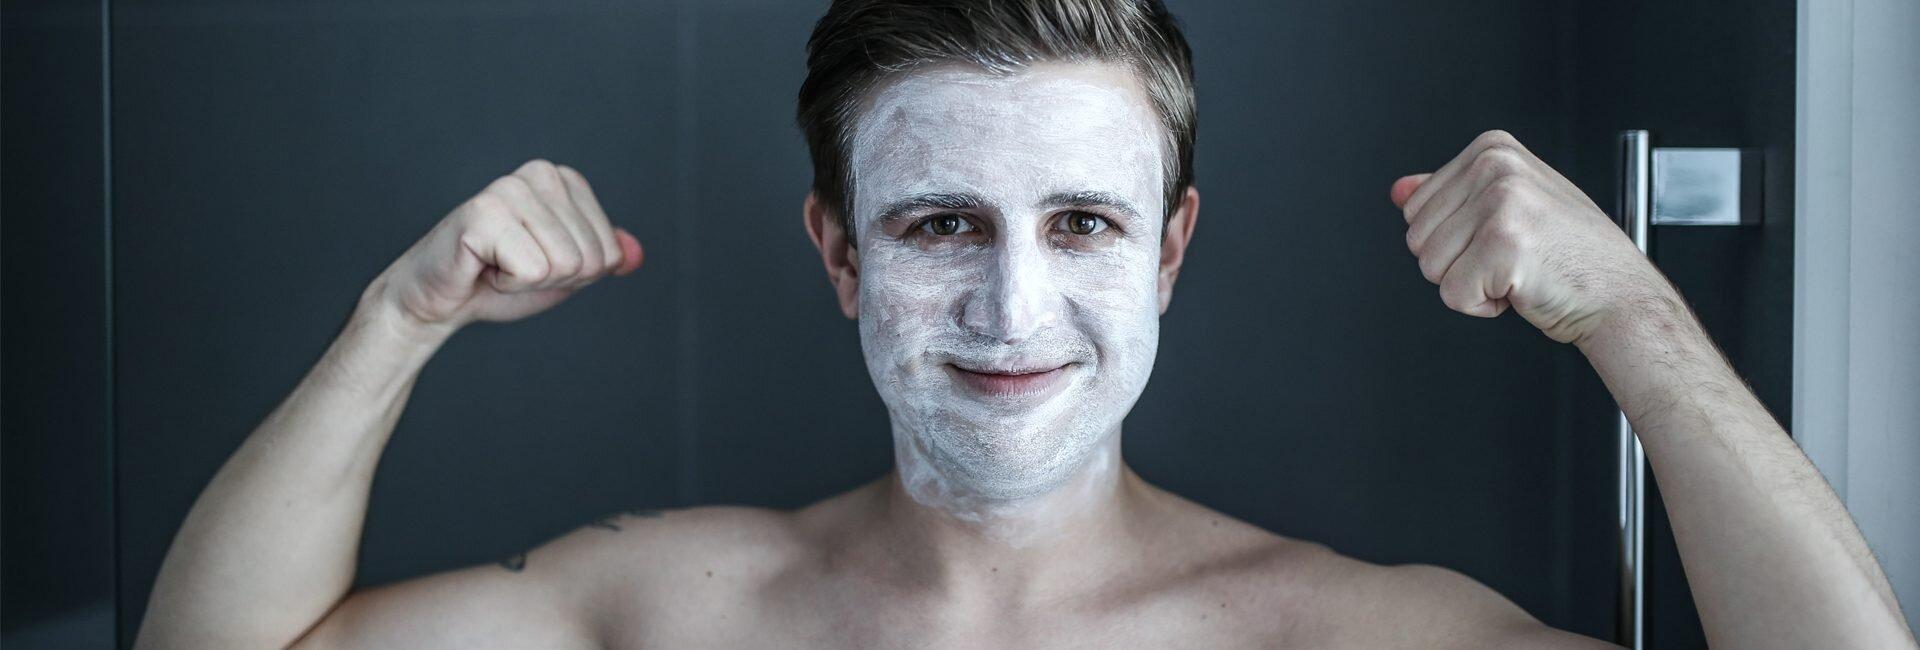 Twarz mężczyzny, Jak dbać o twarz mężczyzny, Kosmetyki dla mężczyzn, Eisenberg